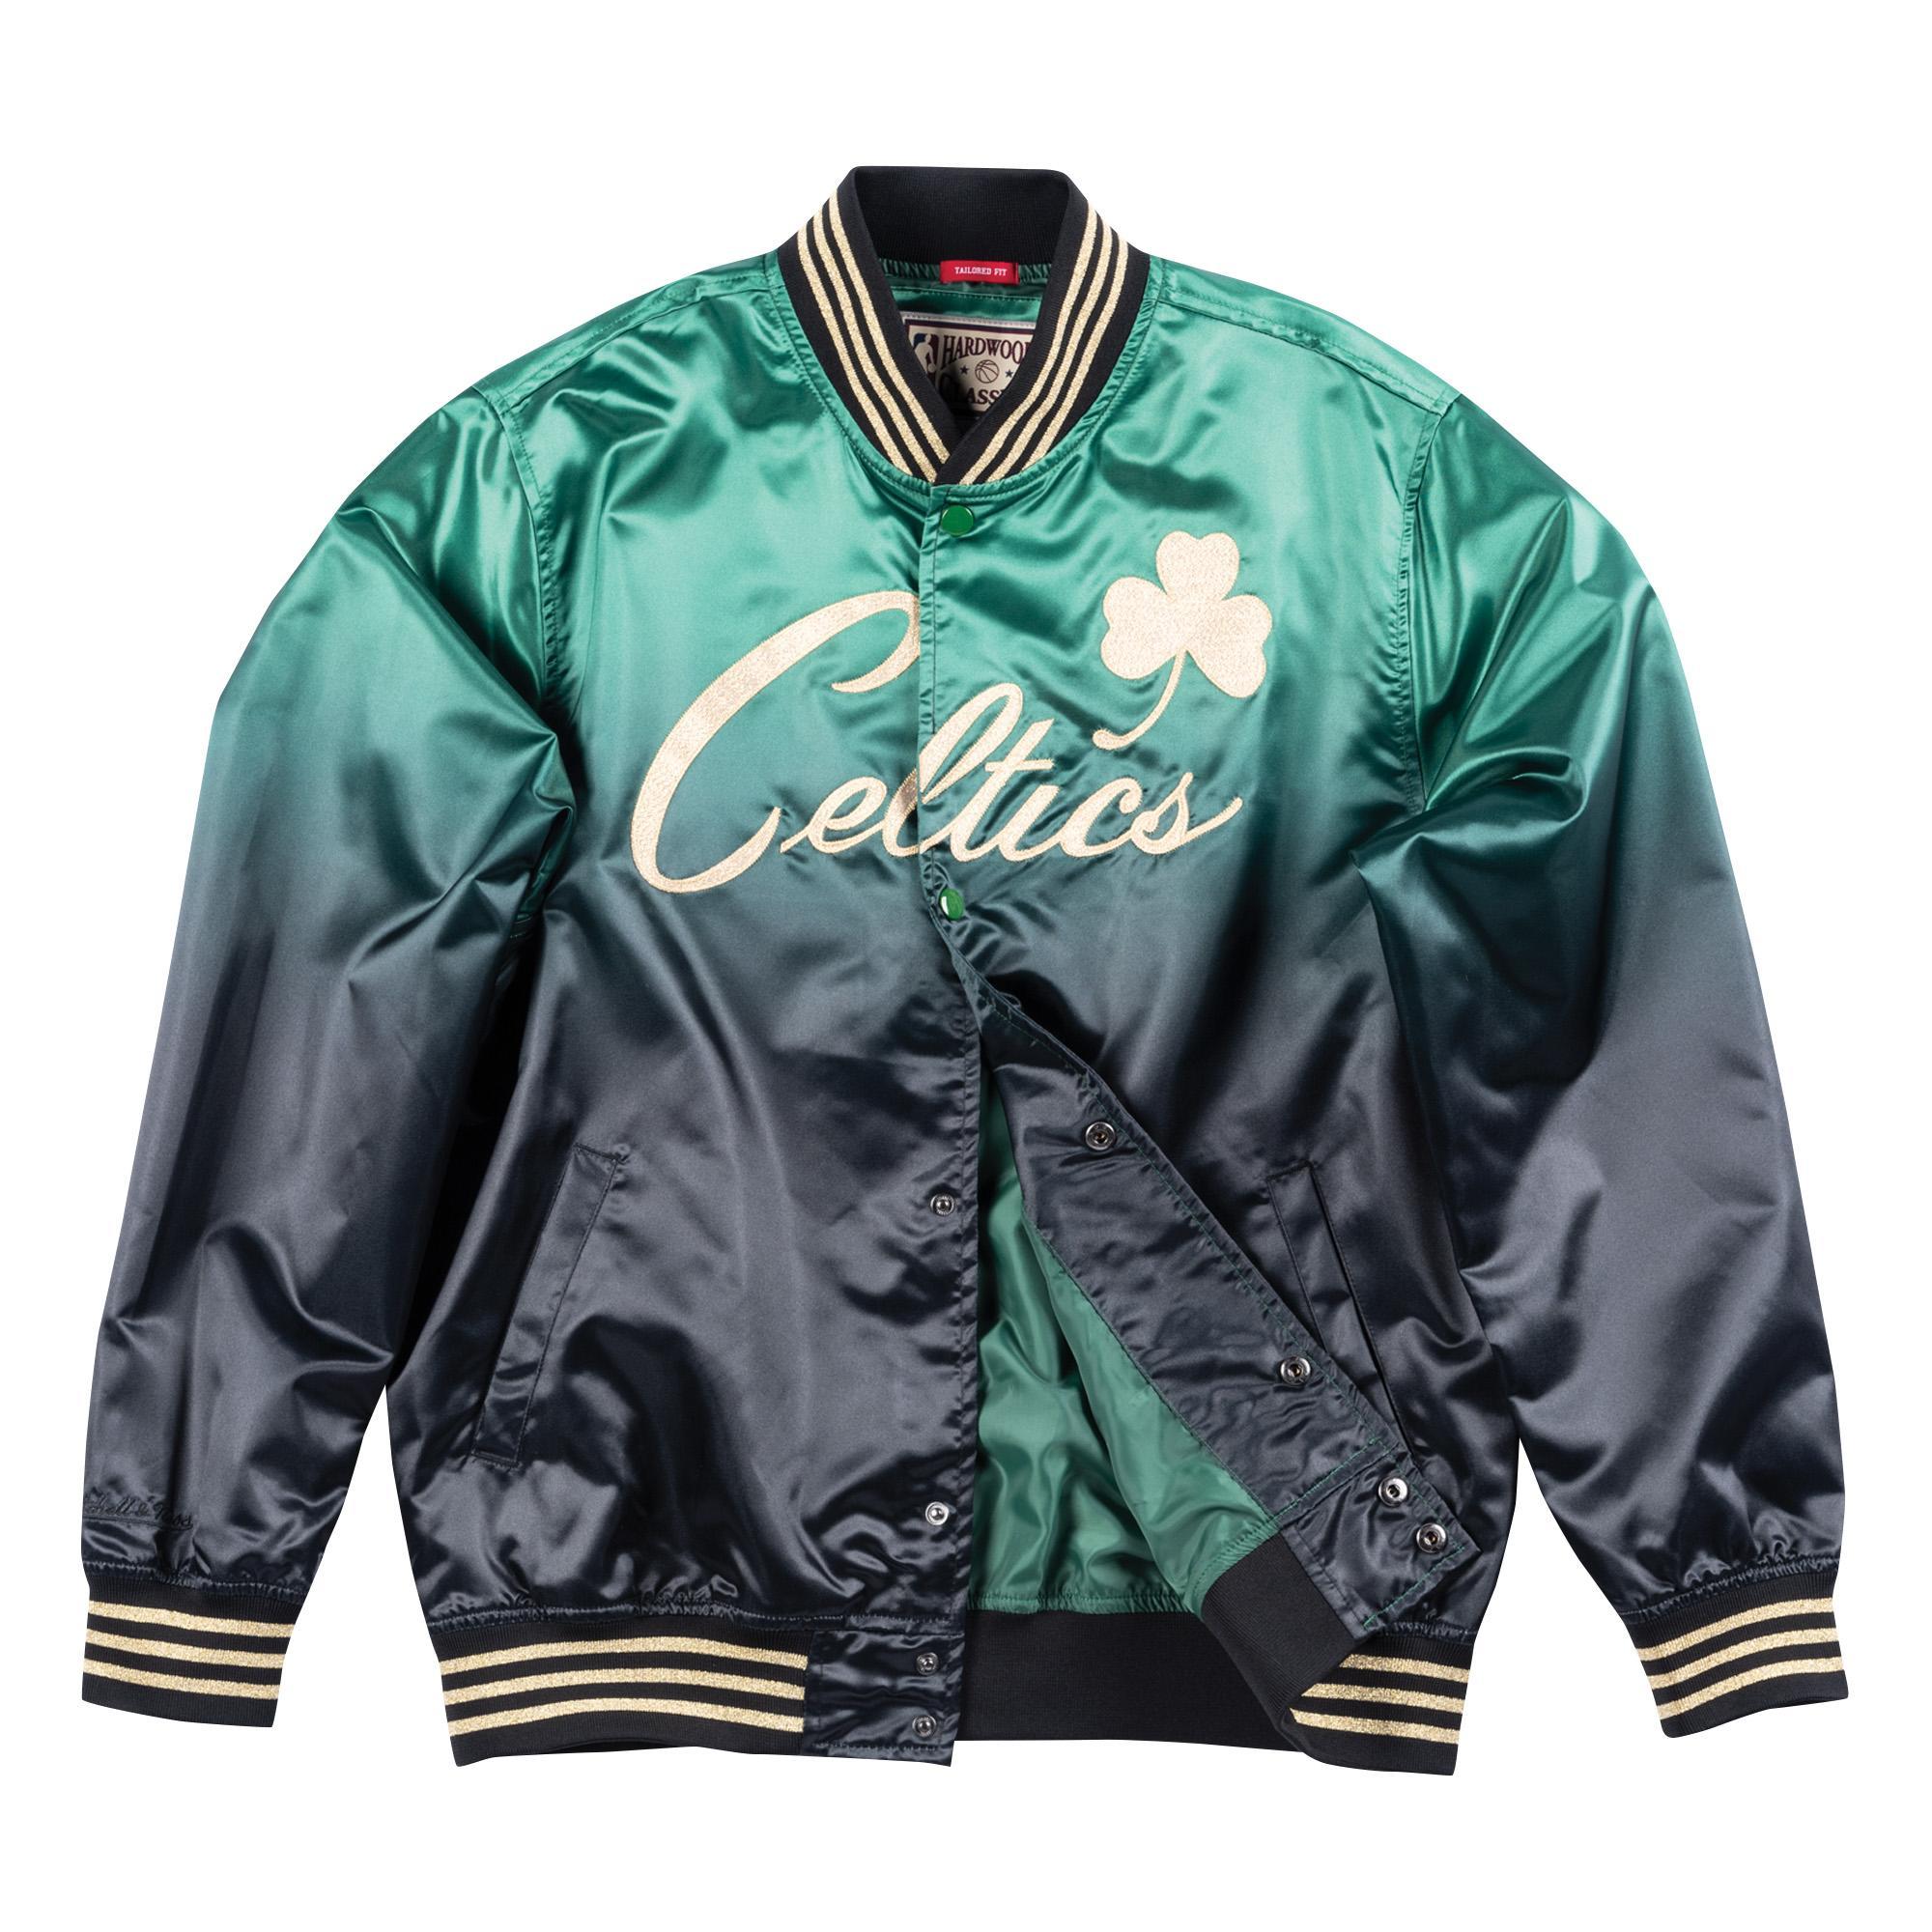 a0ffab87b73 Mitchell & Ness   Chinese New Year Satin Jacket Boston Celtics